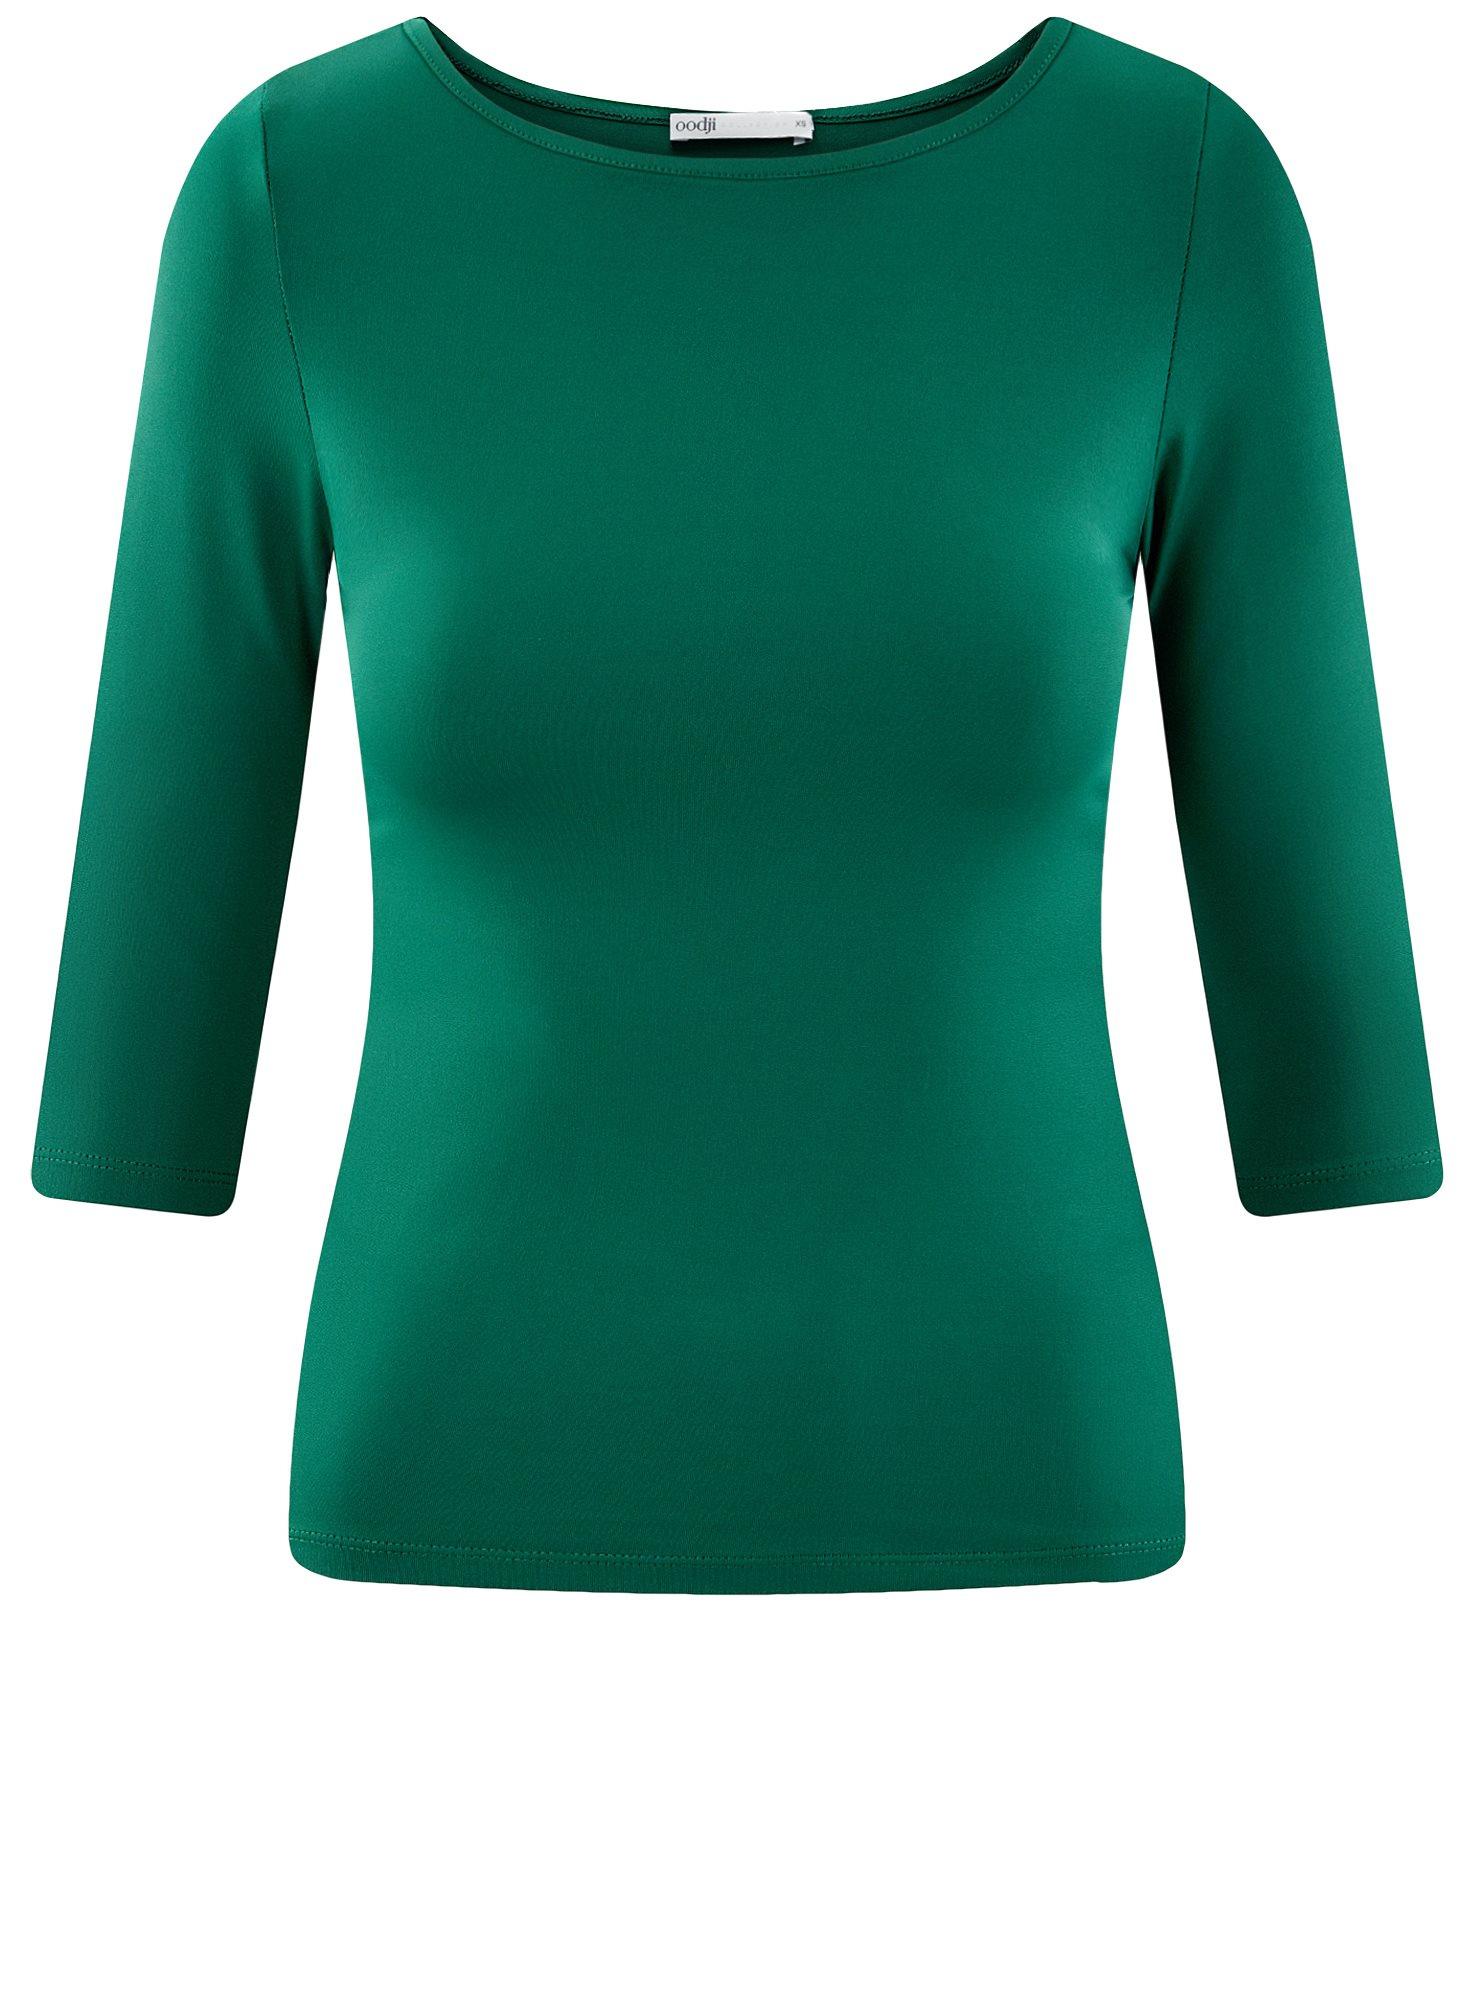 Футболка базовая с рукавом 3/4 oodji для женщины (зеленый), 24211001B/45297/6E00N